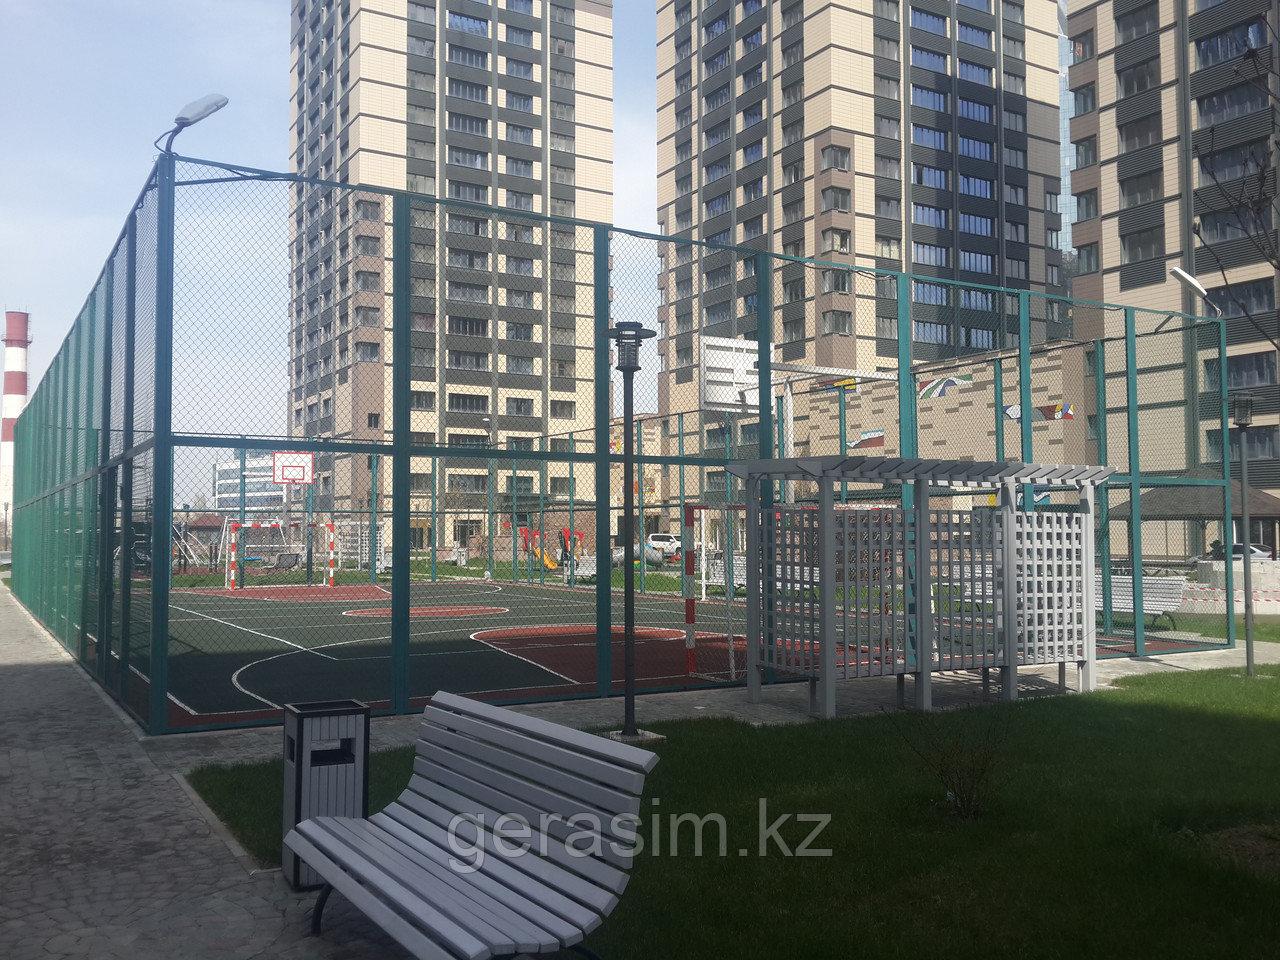 Ограждение для спортивных площадок, футбольных и волейбольных полей